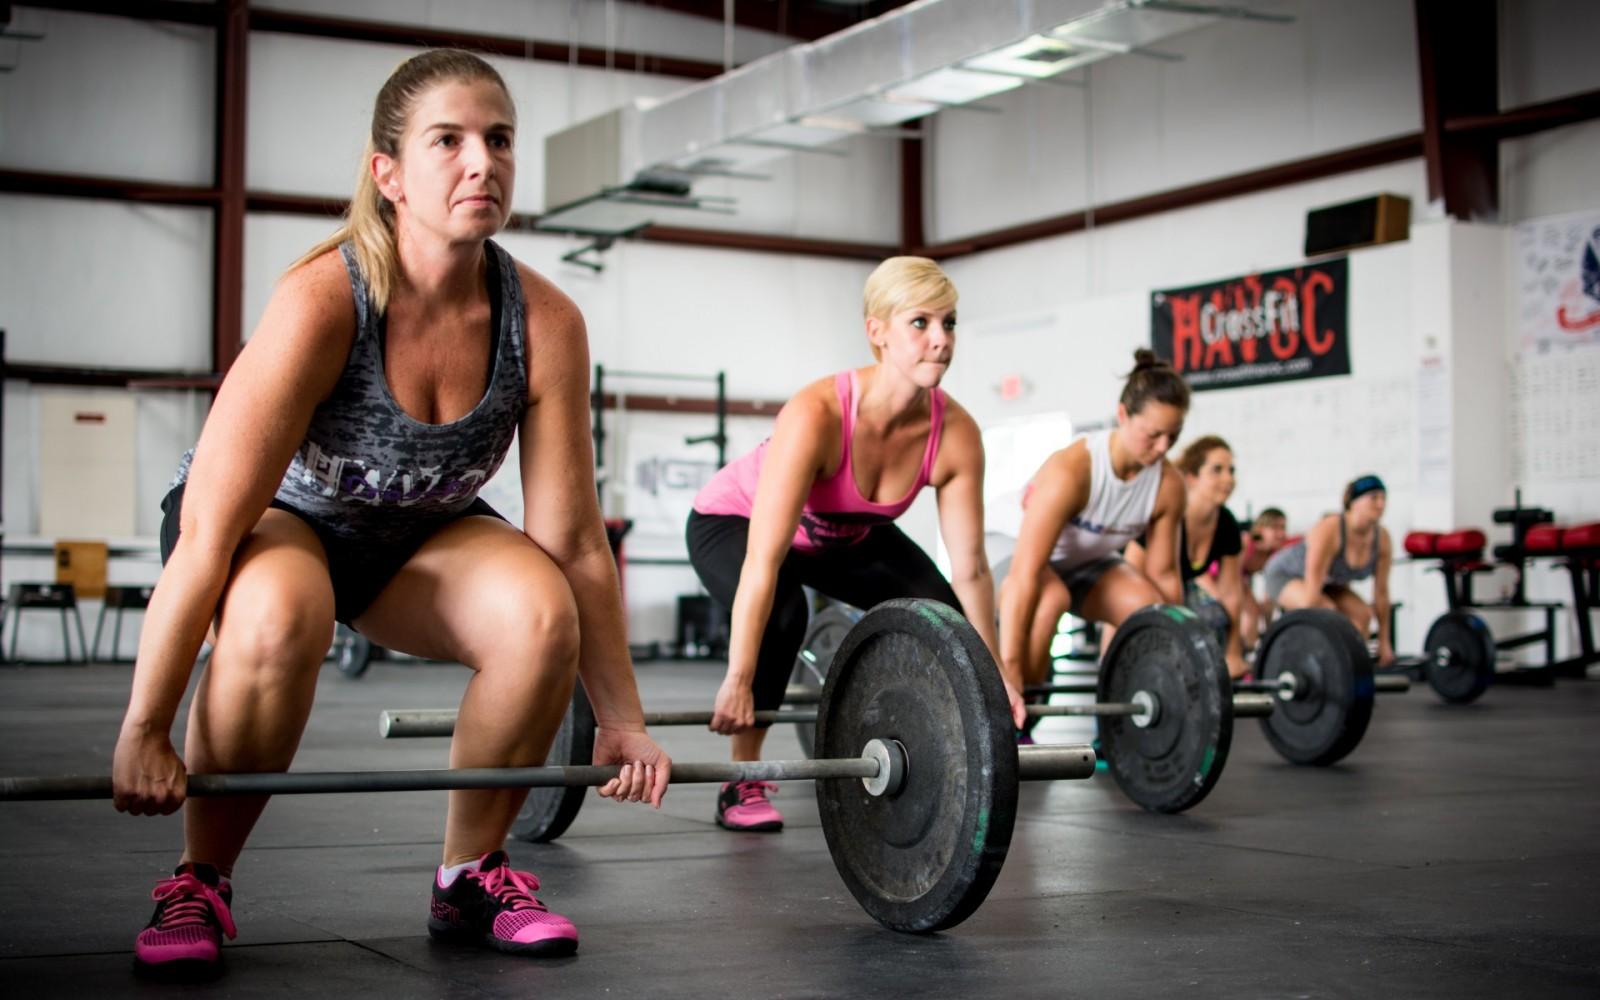 Fitness Yapmanın Faydaları Nelerdir